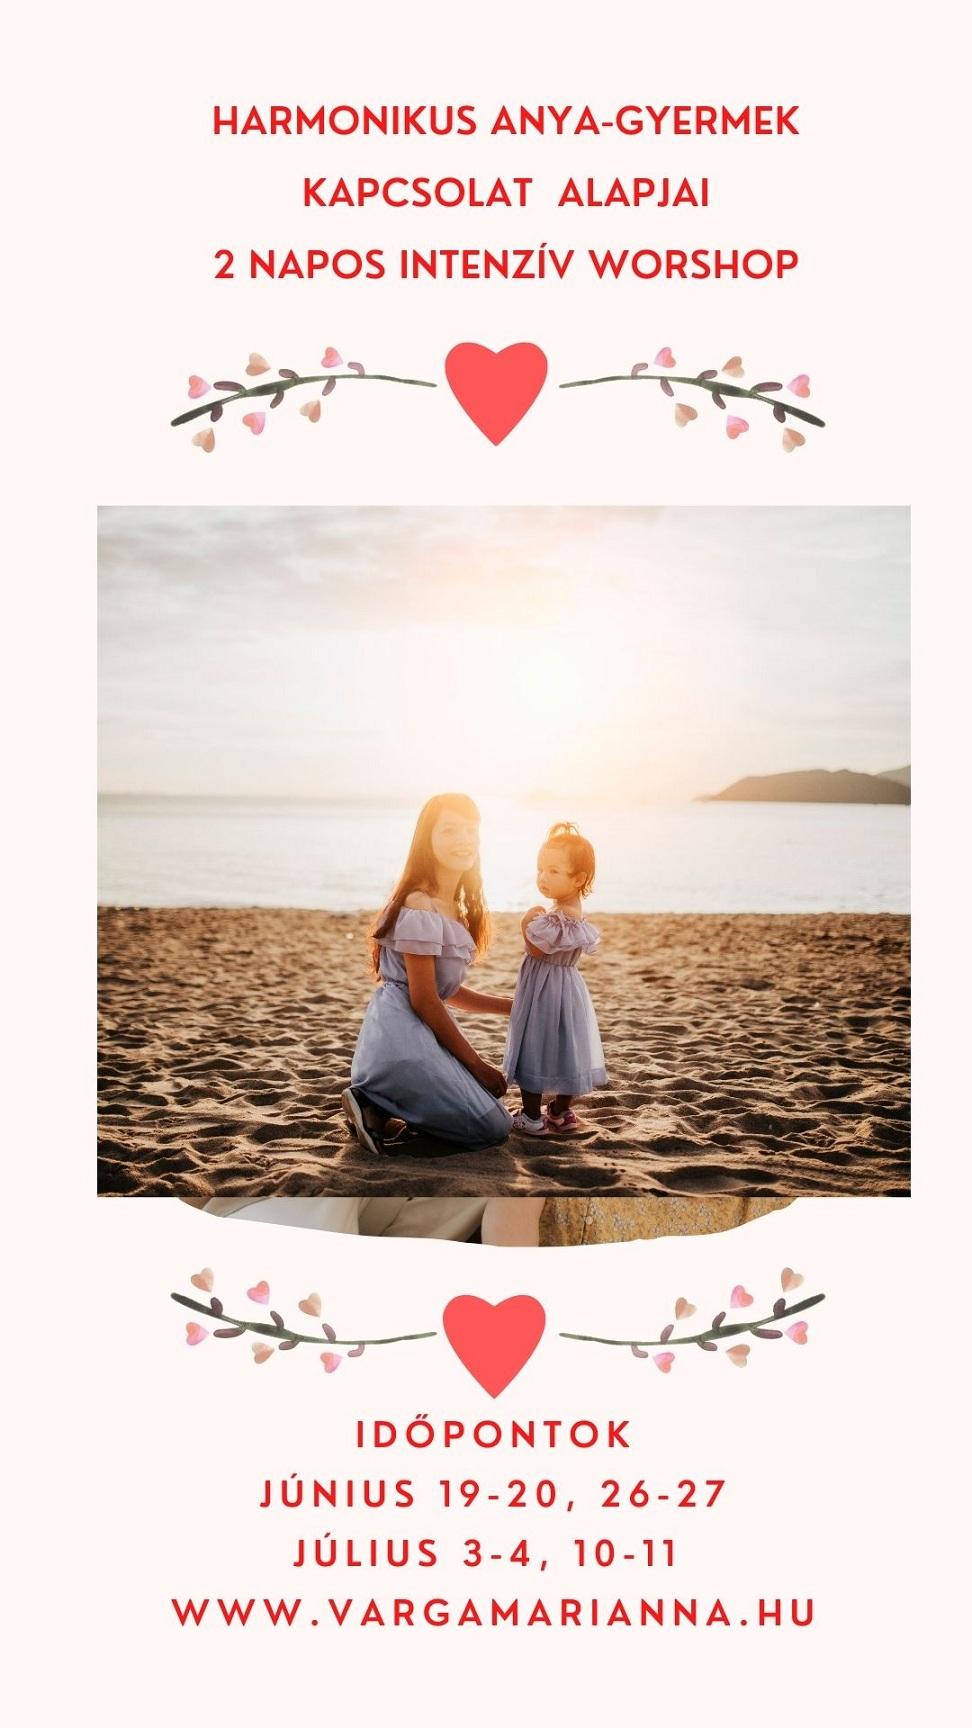 harmonikus anya-gyermek kapcsolat alapjai